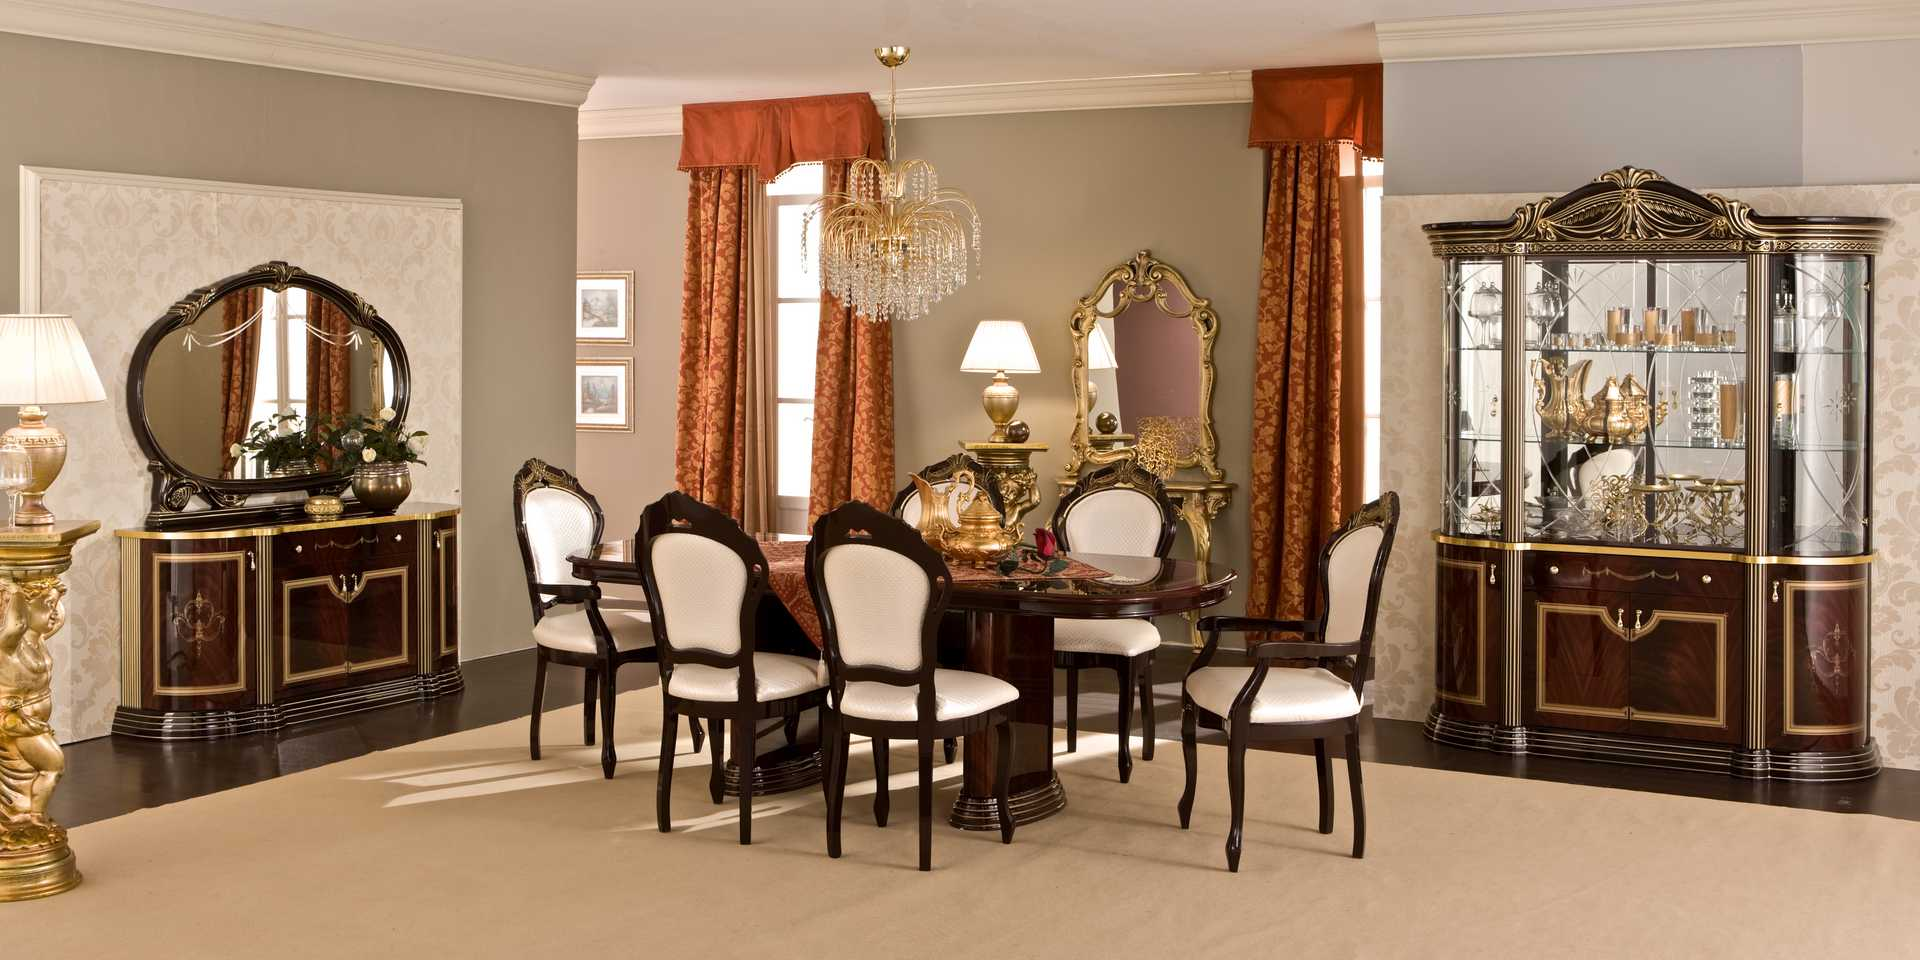 Black's Home Furnishings